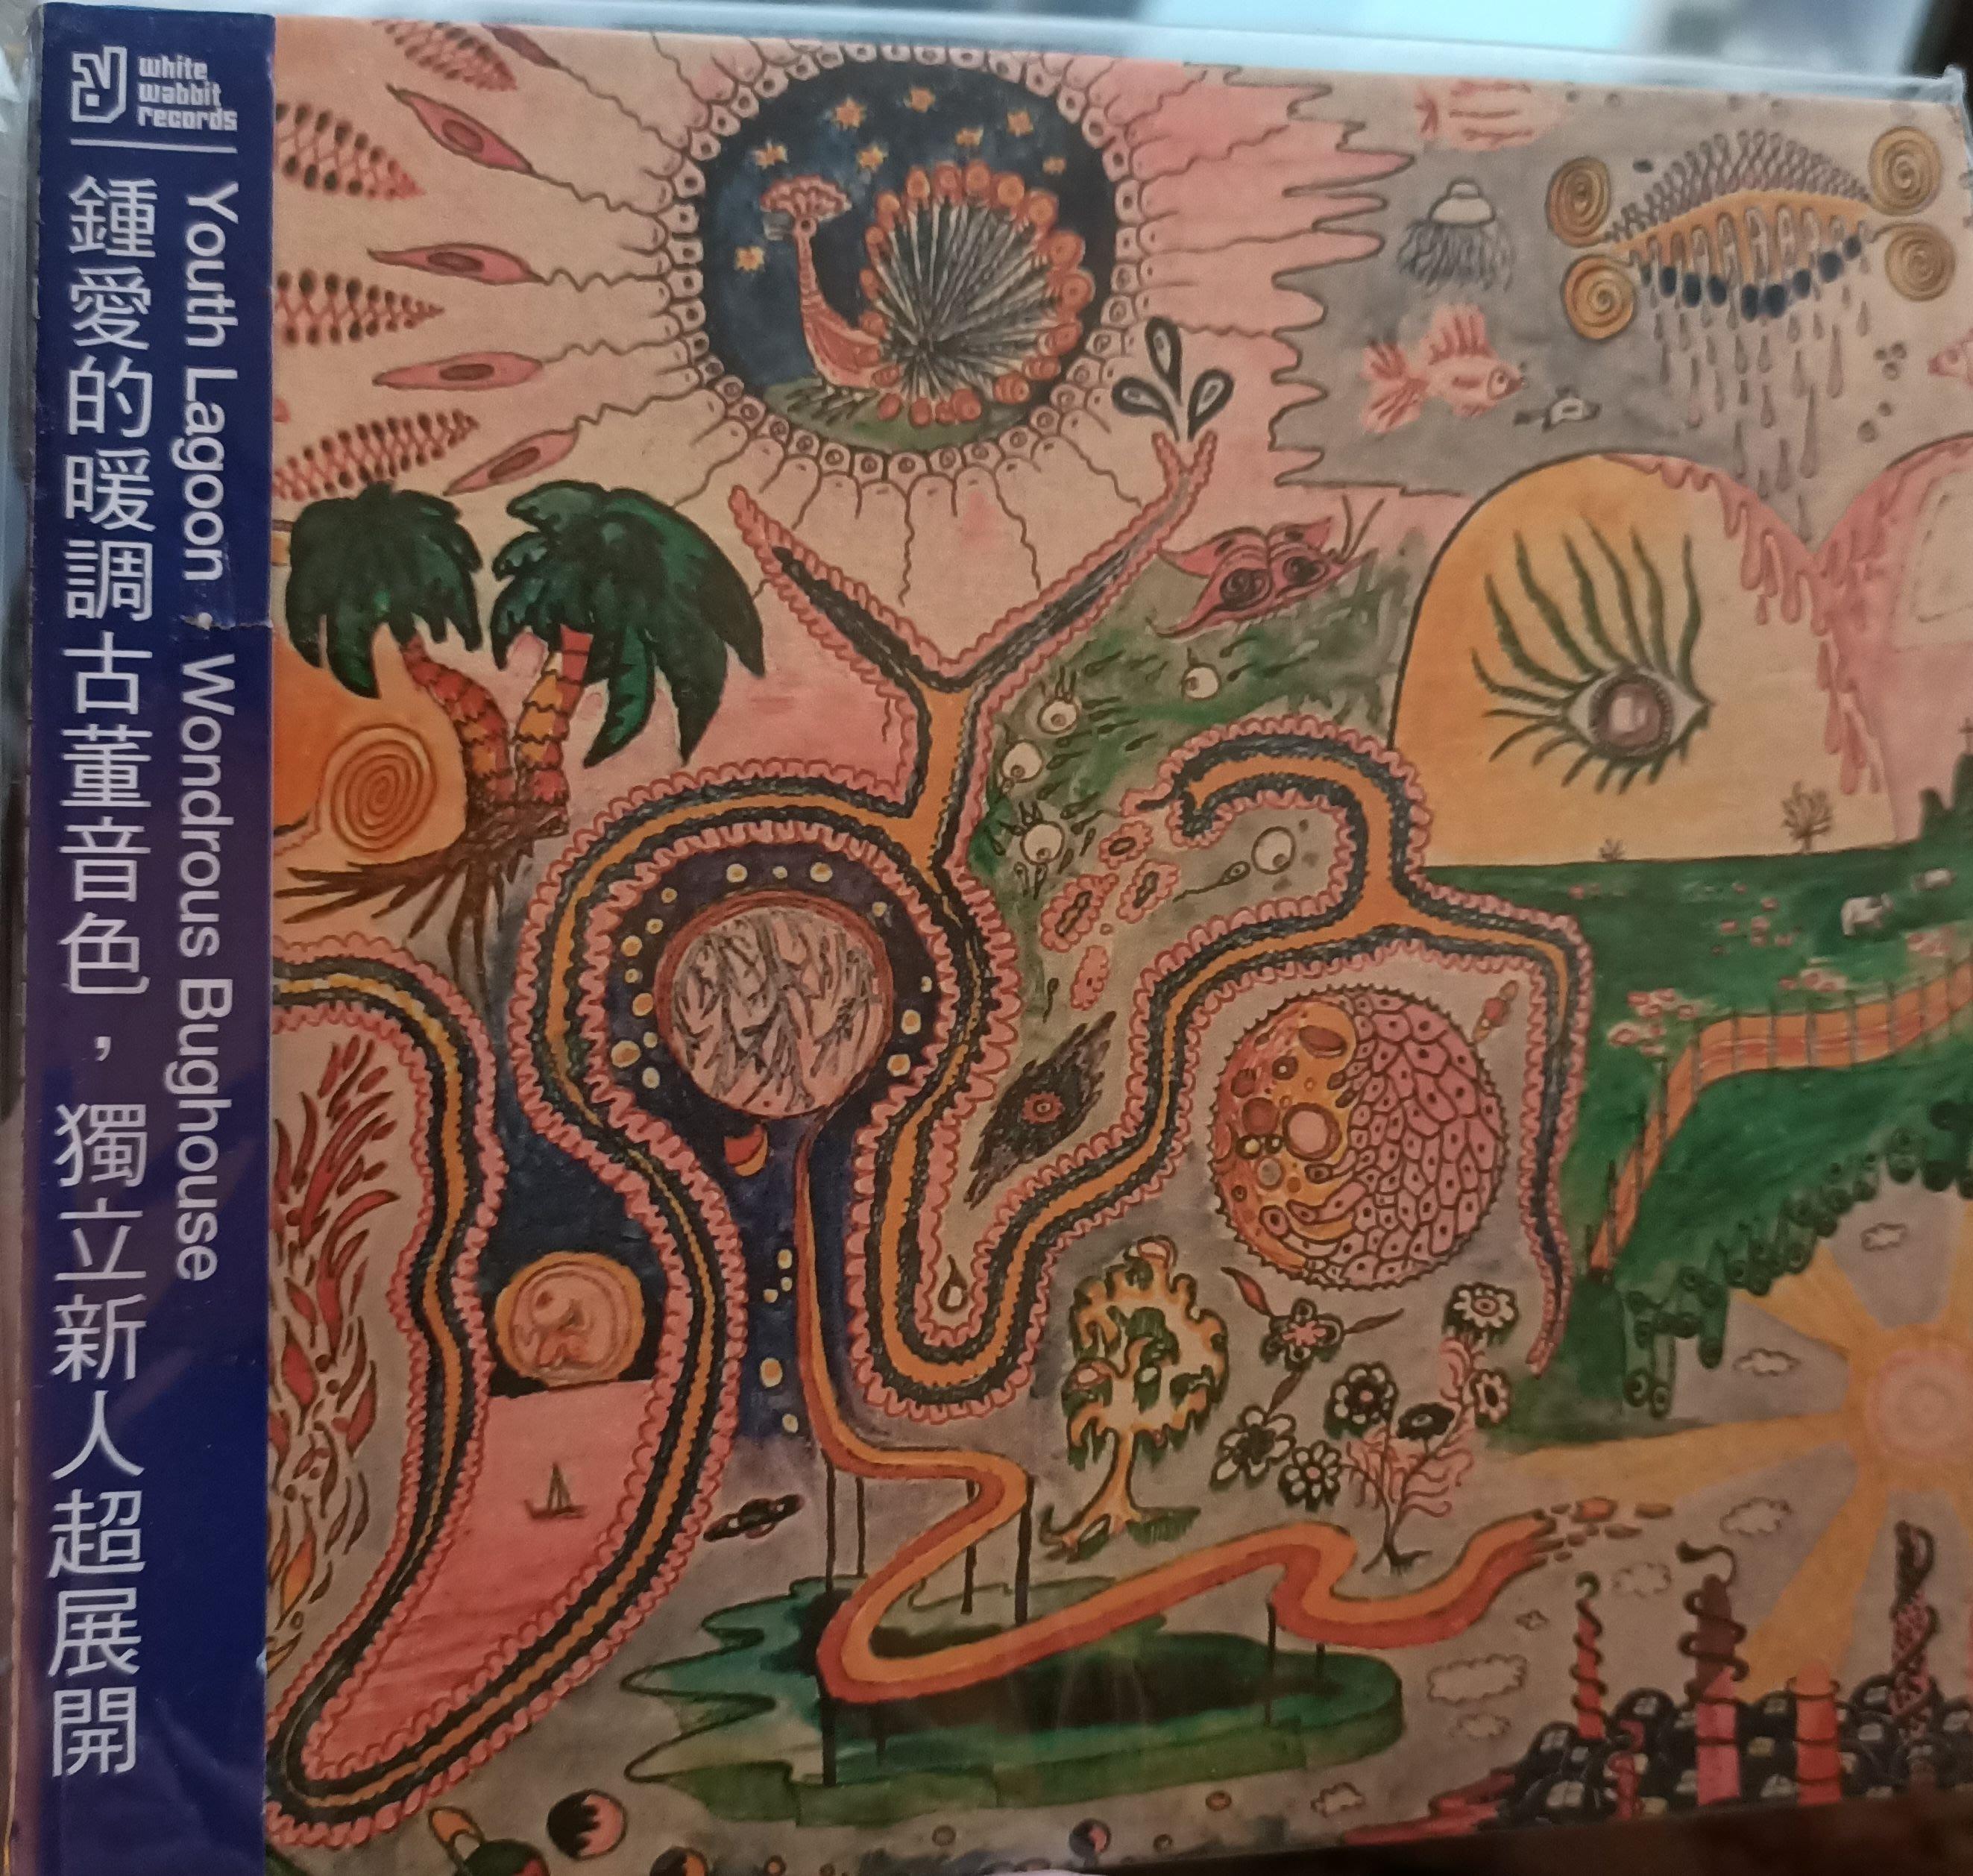 青春礁湖 Youth Lagoon - 驚奇療養院 Wondrous Bughouse (小白兔唱片)宣傳品